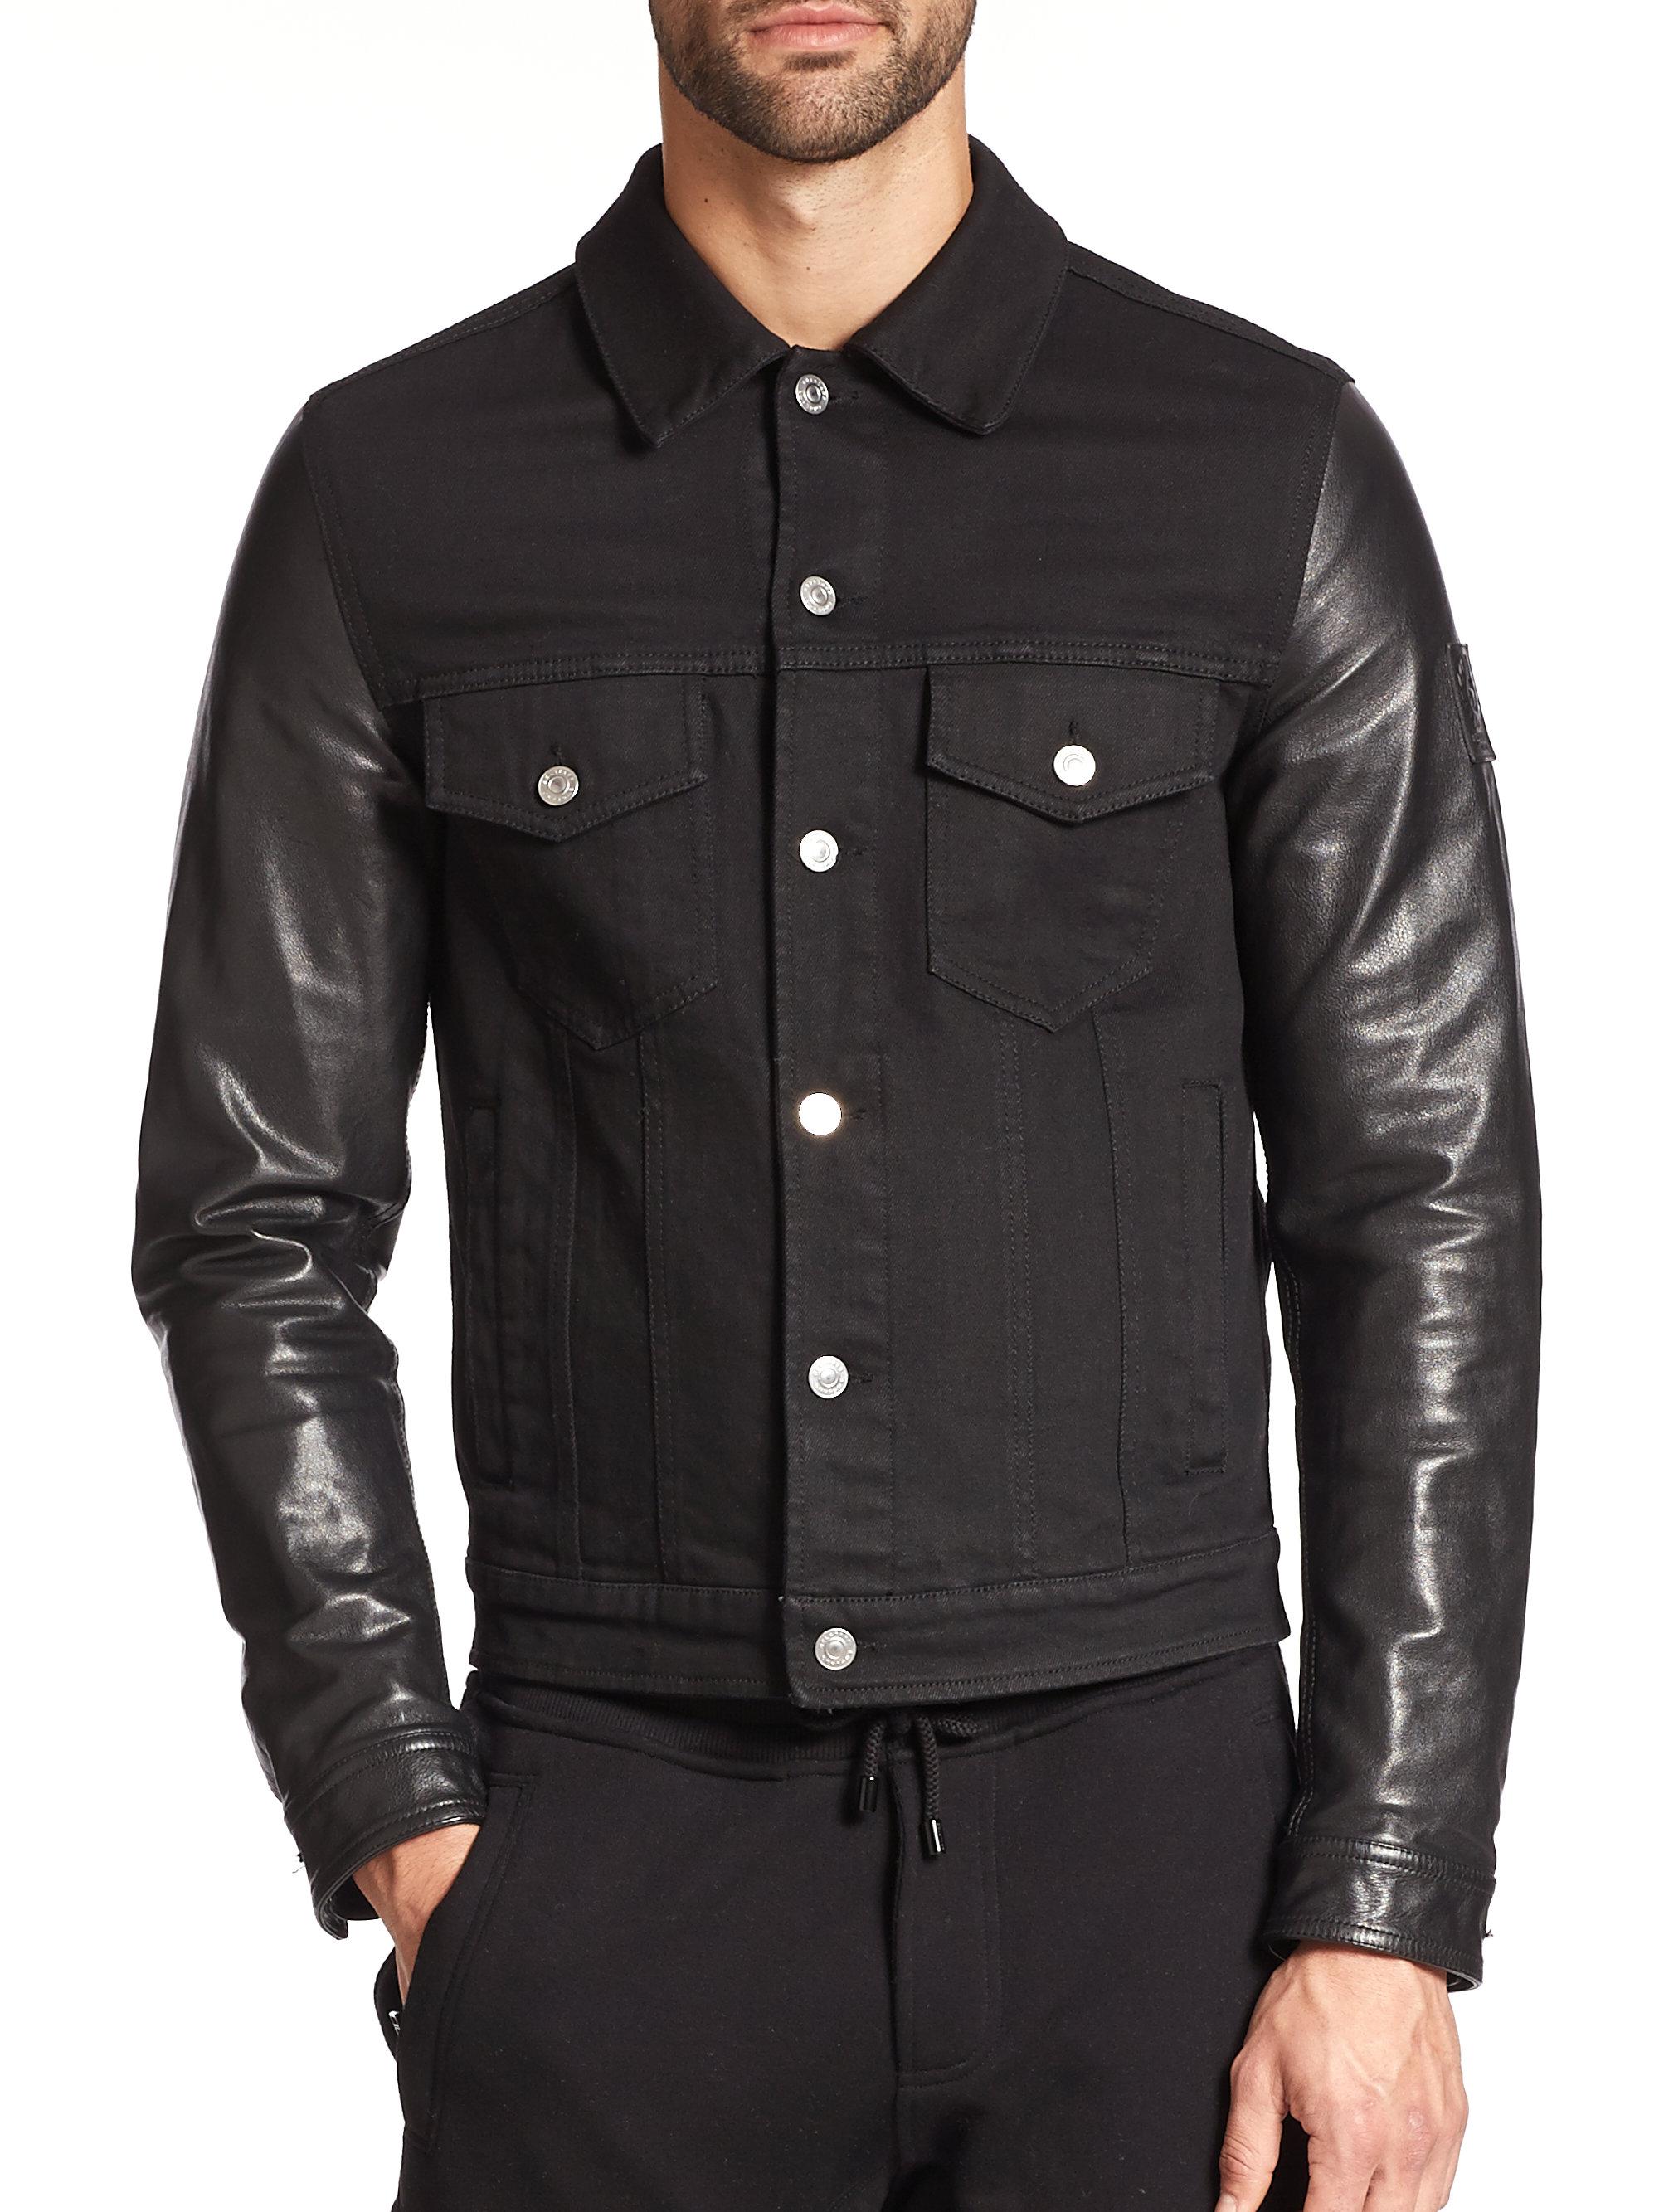 Jacket Denim Men For In Lyst Black Belstaff 8kn0OXPw